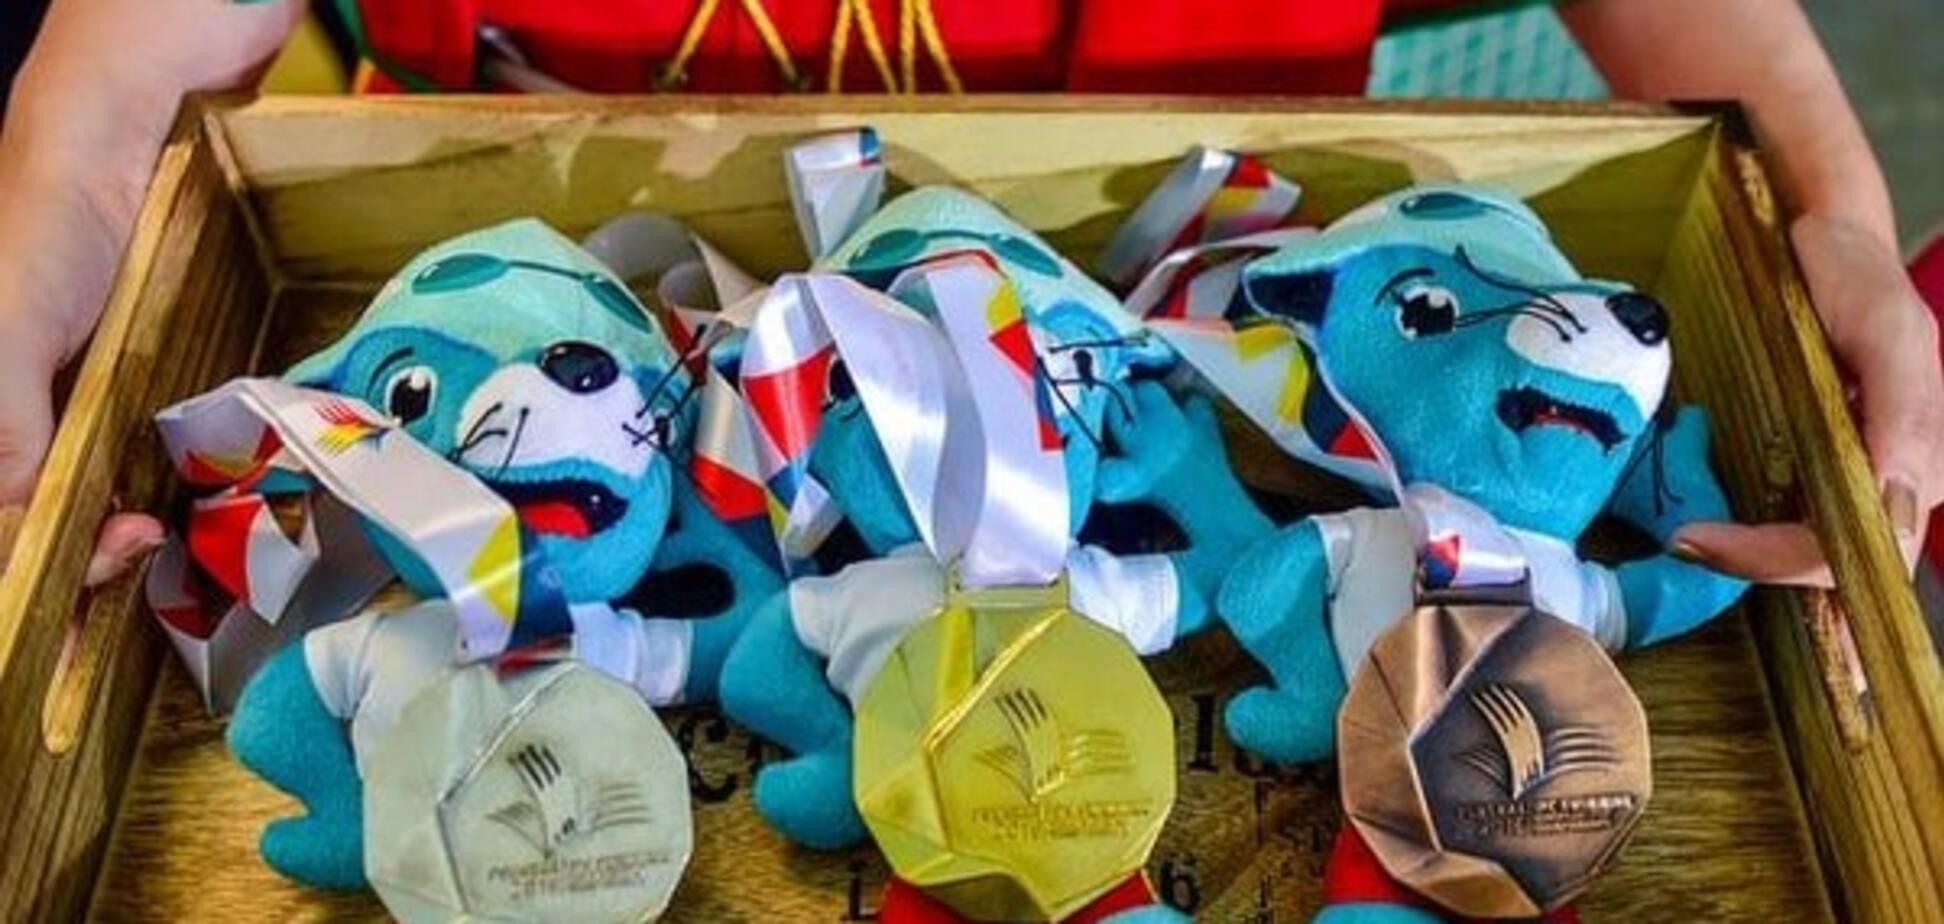 Сборная Украины выиграла чемпионат Европы по плаванию, опередив Россию